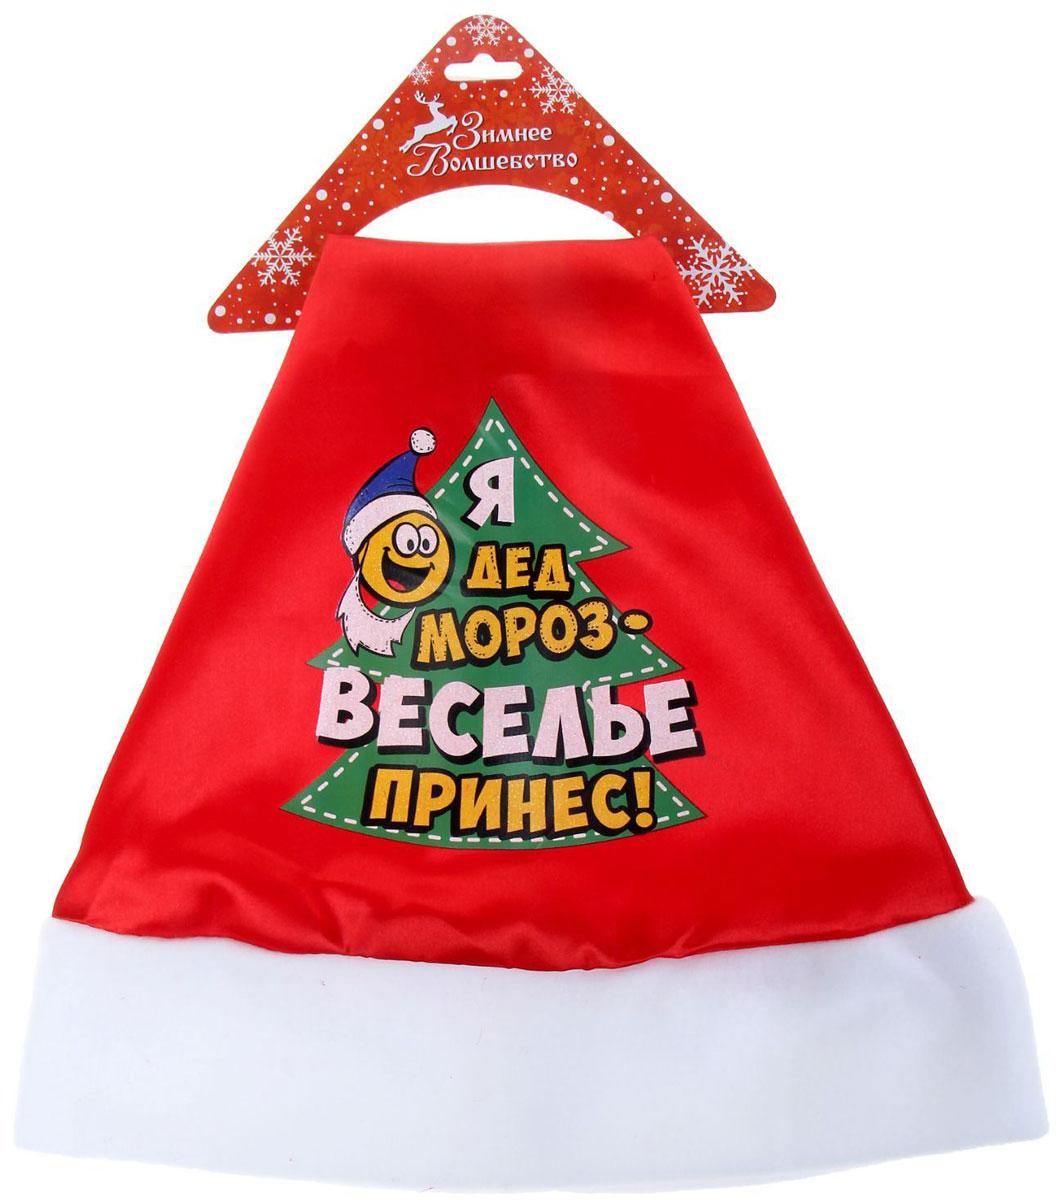 Колпак новогодний Дед Мороз веселье принес1125324Колпак — традиционный праздничный головной убор. Он дополнит и тематический костюм, и торжественный наряд. Возьмите аксессуар с собой на корпоративную вечеринку, домашний праздник или отдых в компании друзей. Изделие непременно поднимет настроение вам и окружающим!